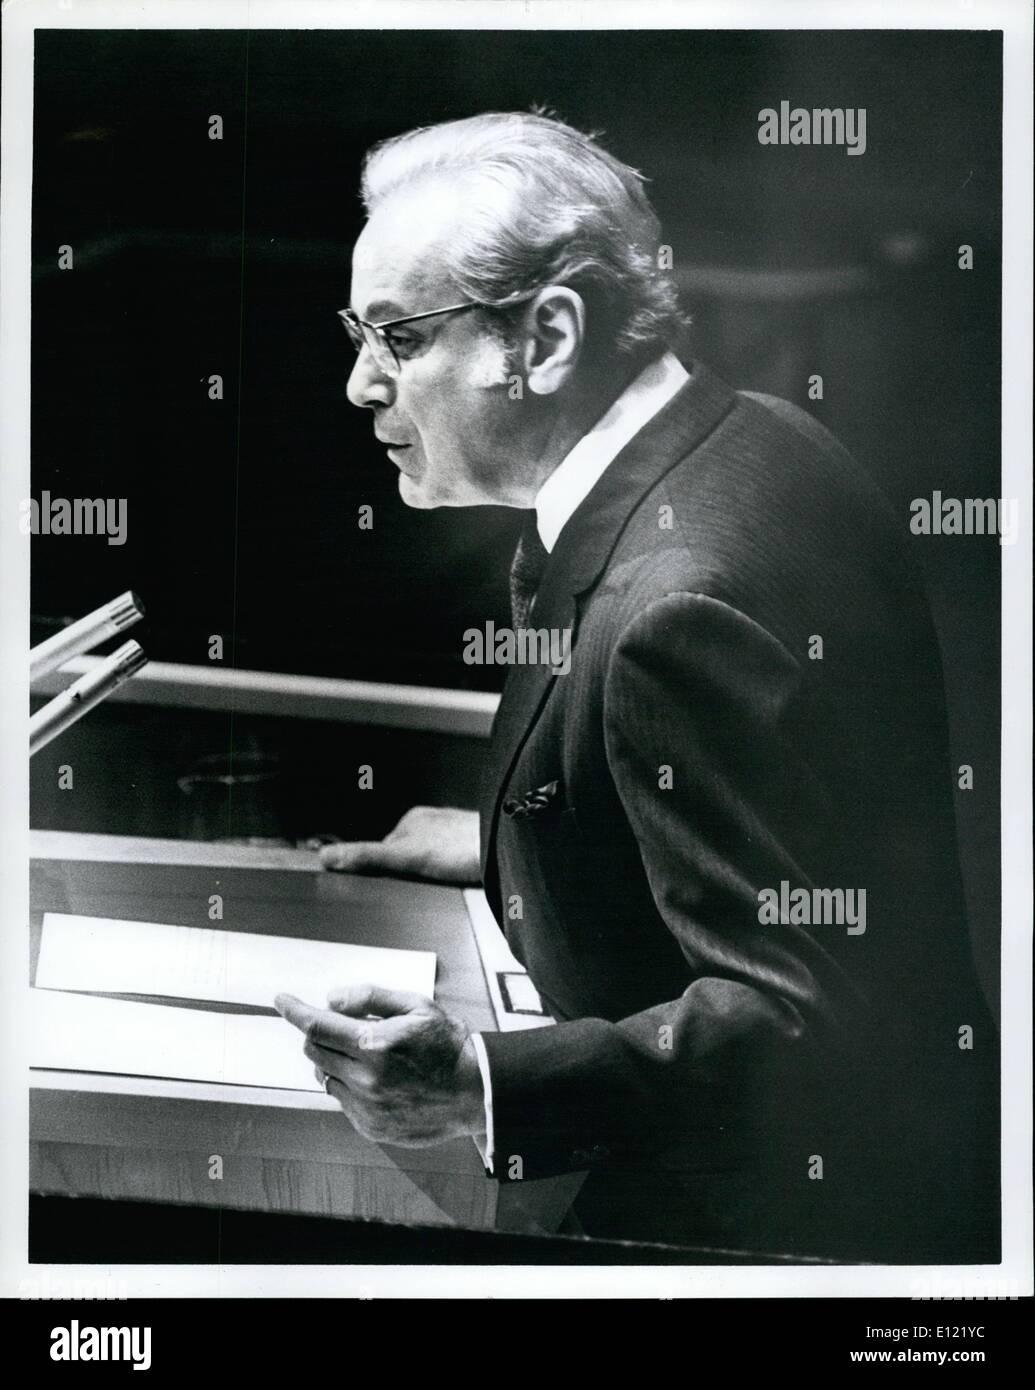 Le 12 décembre 1981 - L'Assemblée générale nomme par acclamation Javier Perez de Cuellar comme cinquième secrétaire général pour un mandat de cinq ans Photo Stock